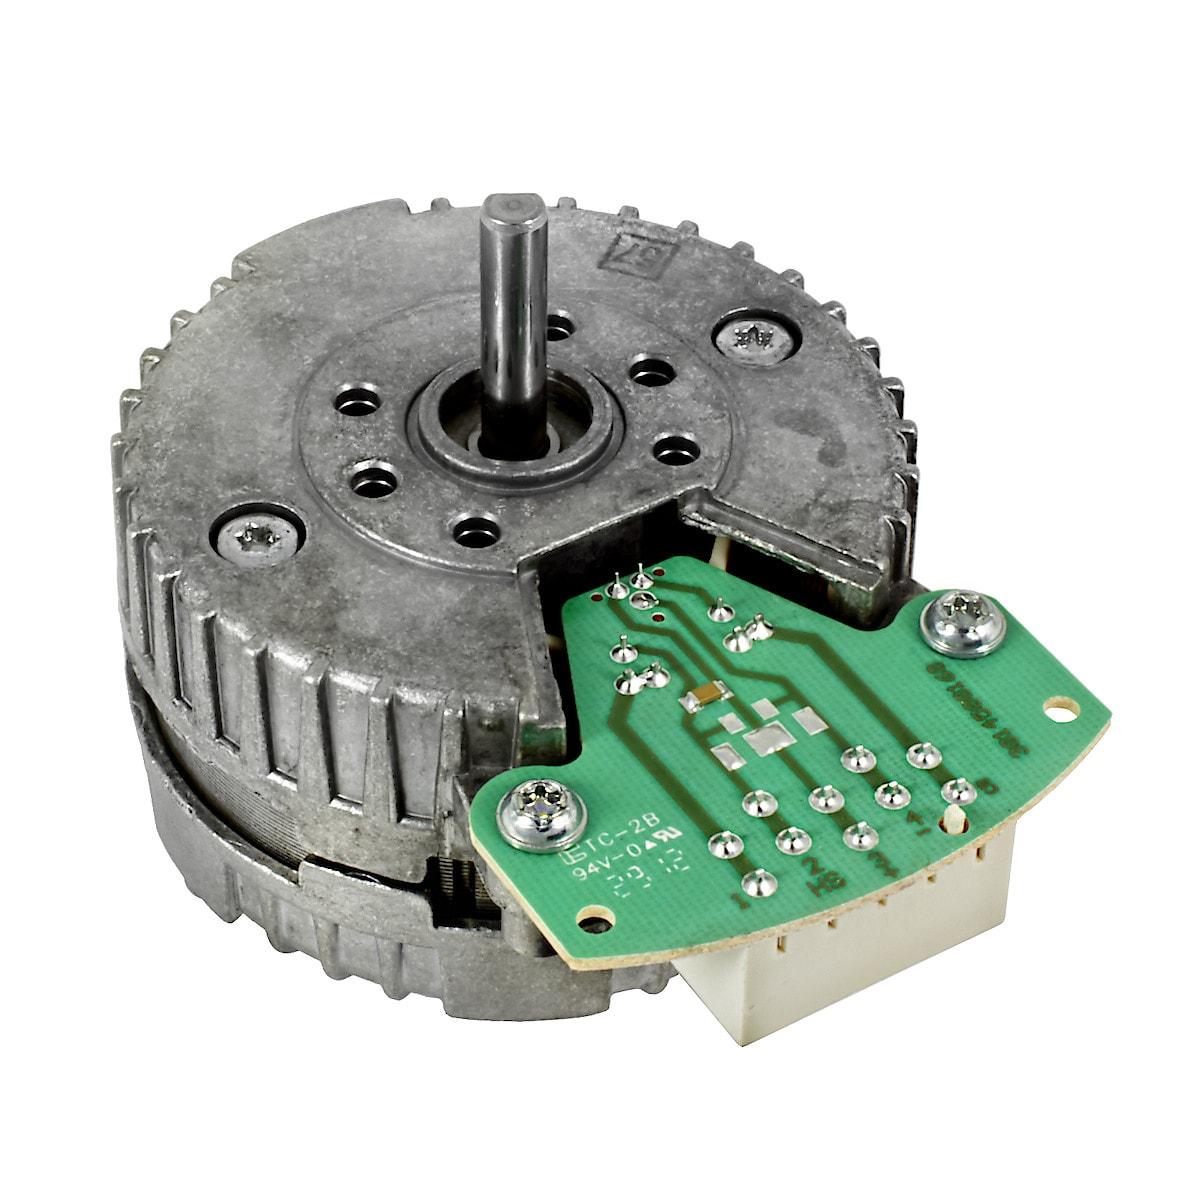 Leikkurinmoottori Gardena R160